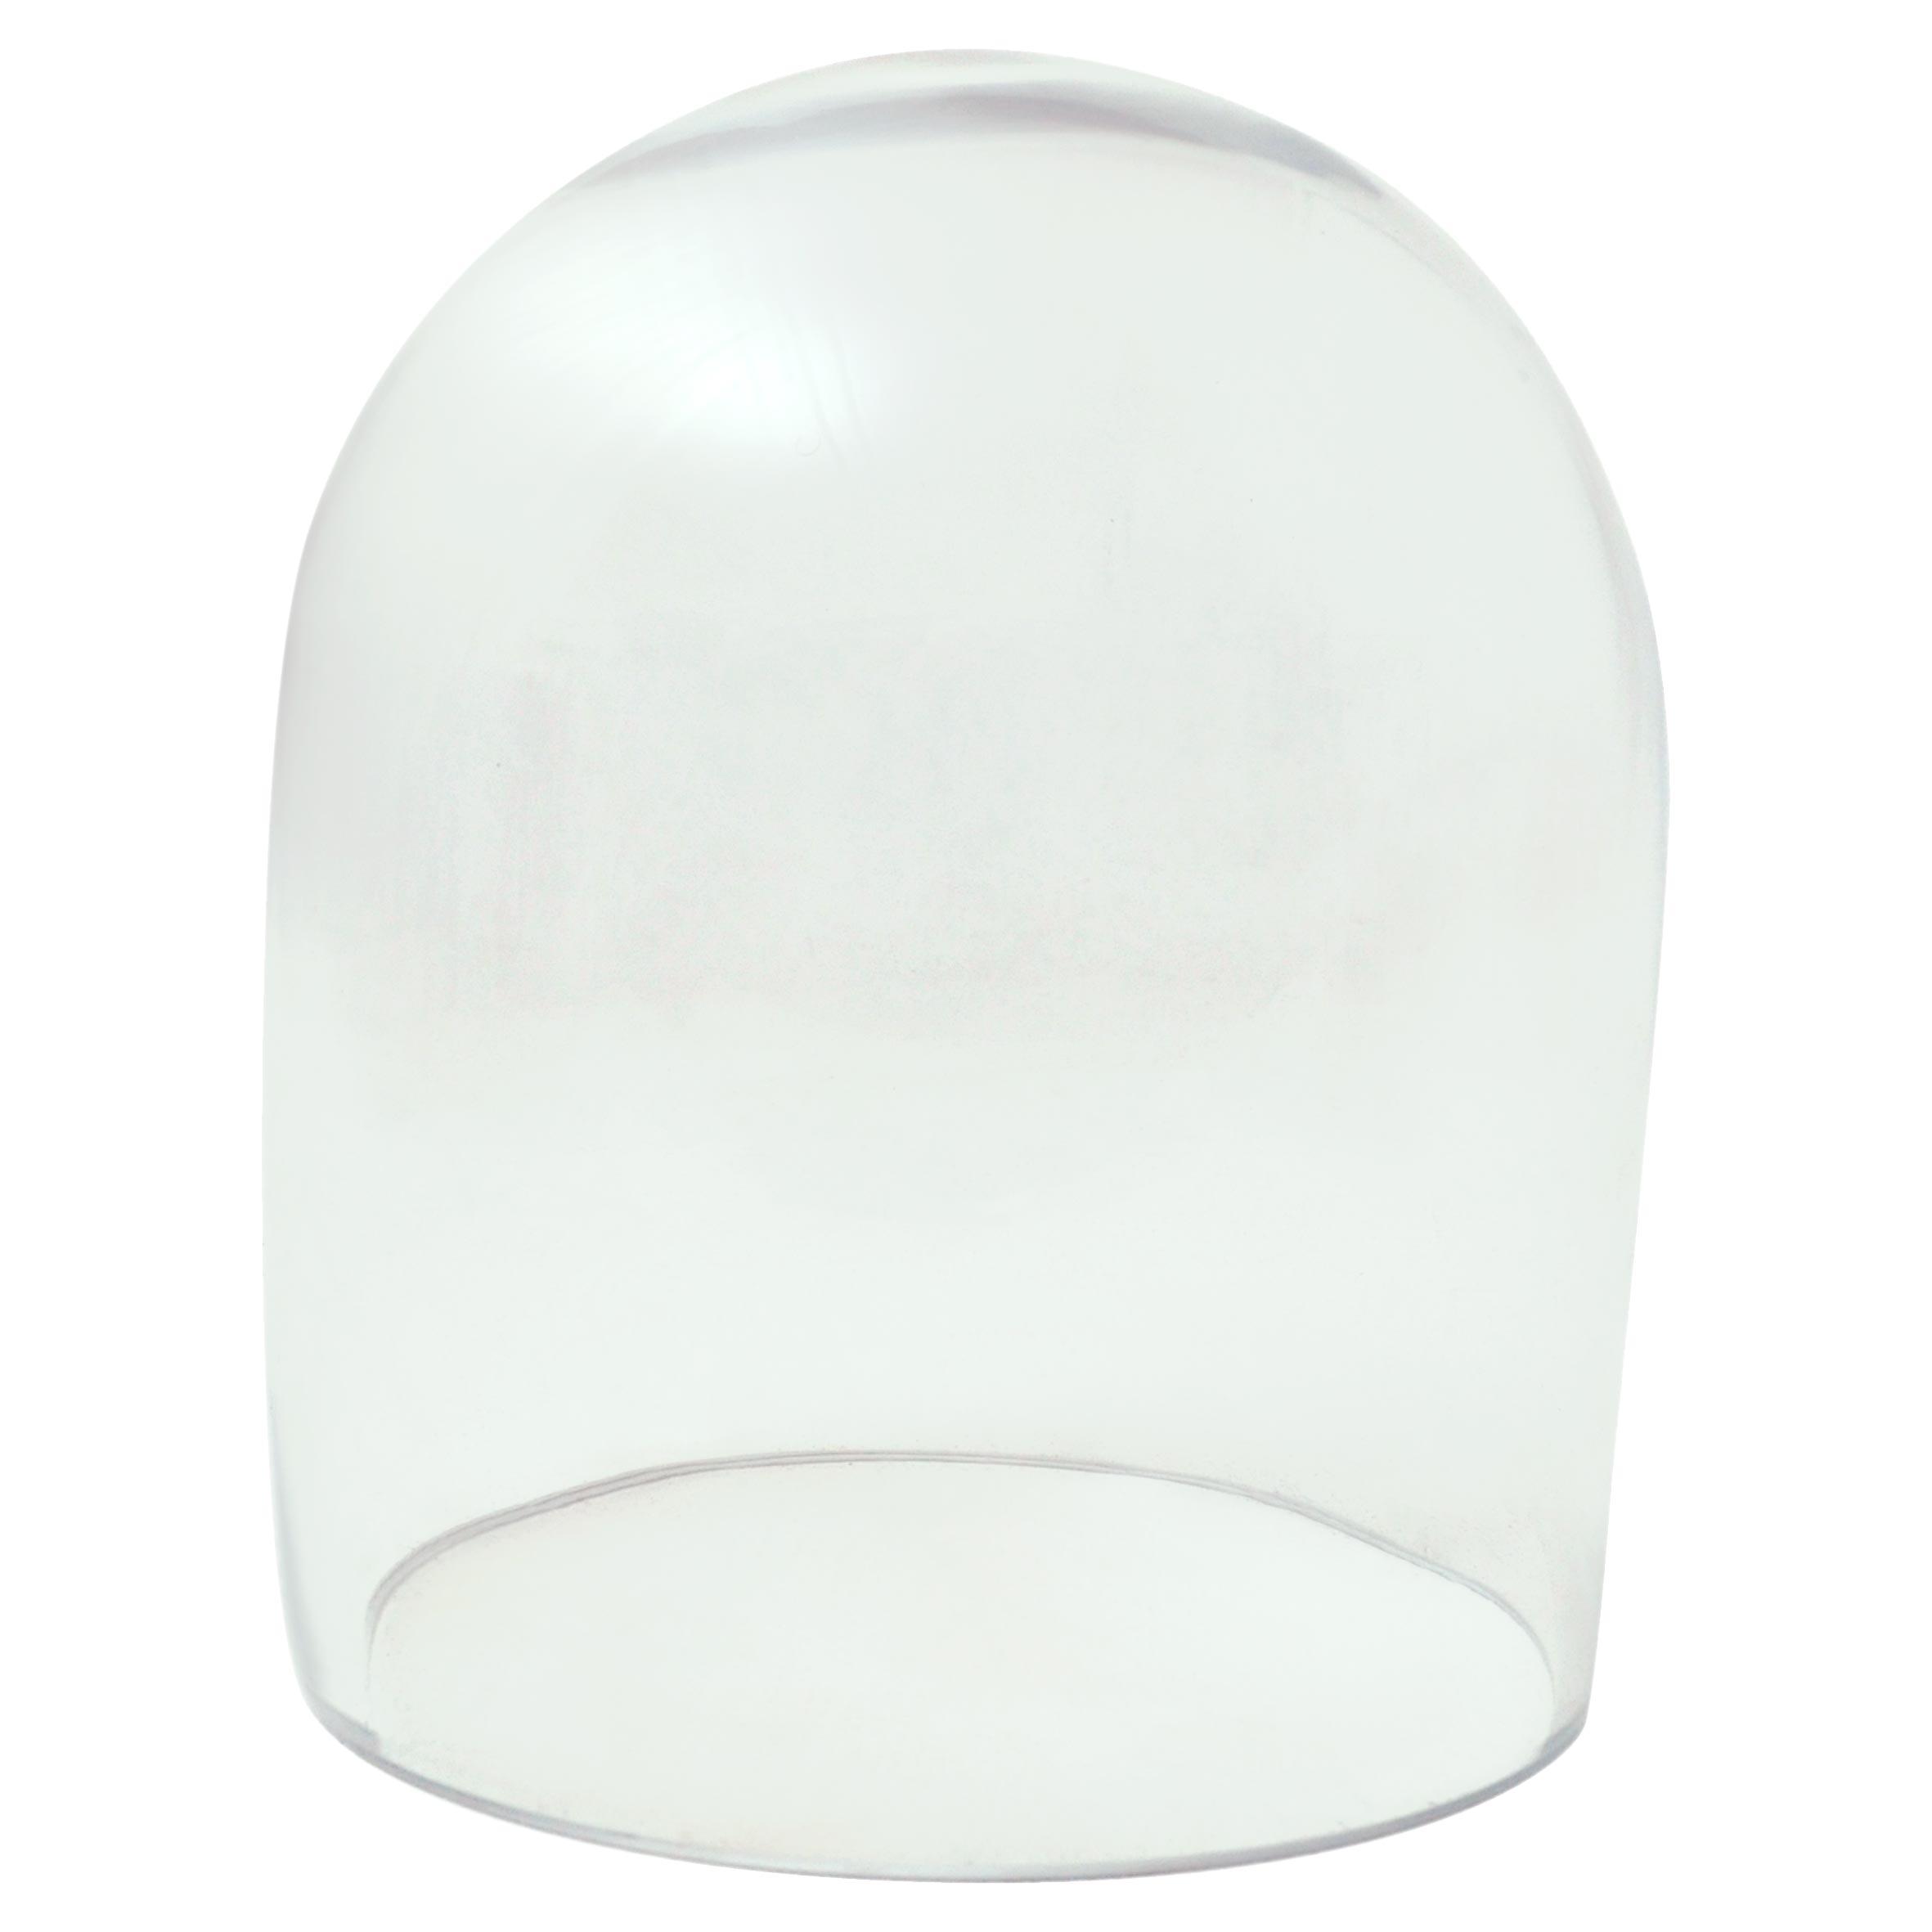 Aqua Dome B